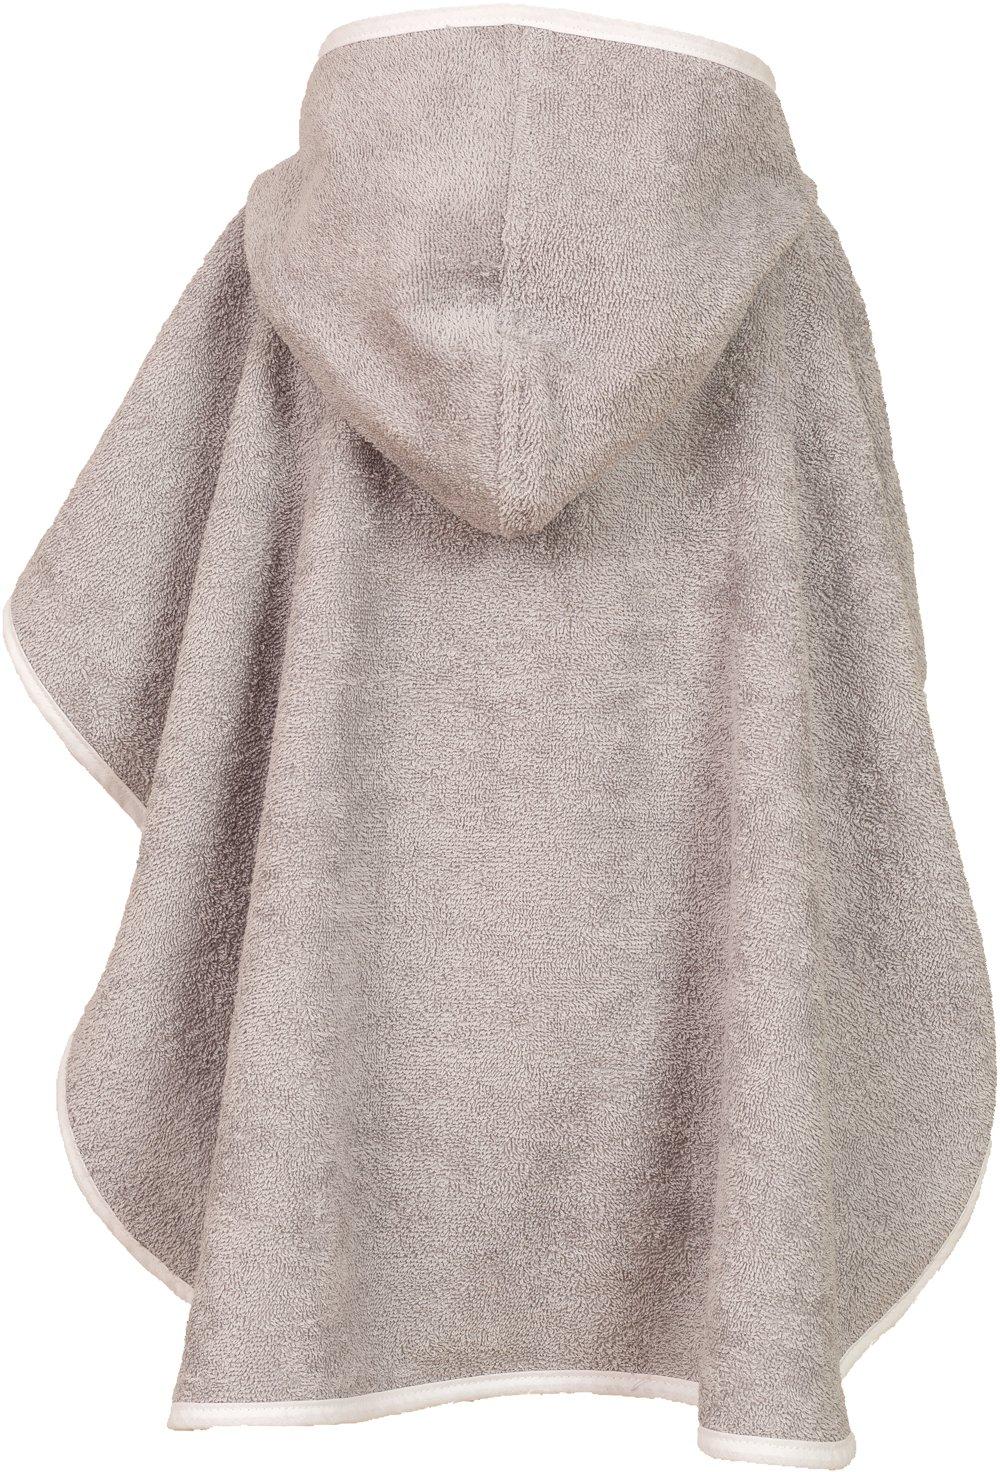 tama/ño aprox Arco Iris // 1/hasta 3/a/ños dise/ño Wolke color gris /Poncho de ba/ño de 100/% algod/ón de rizo Smithy/